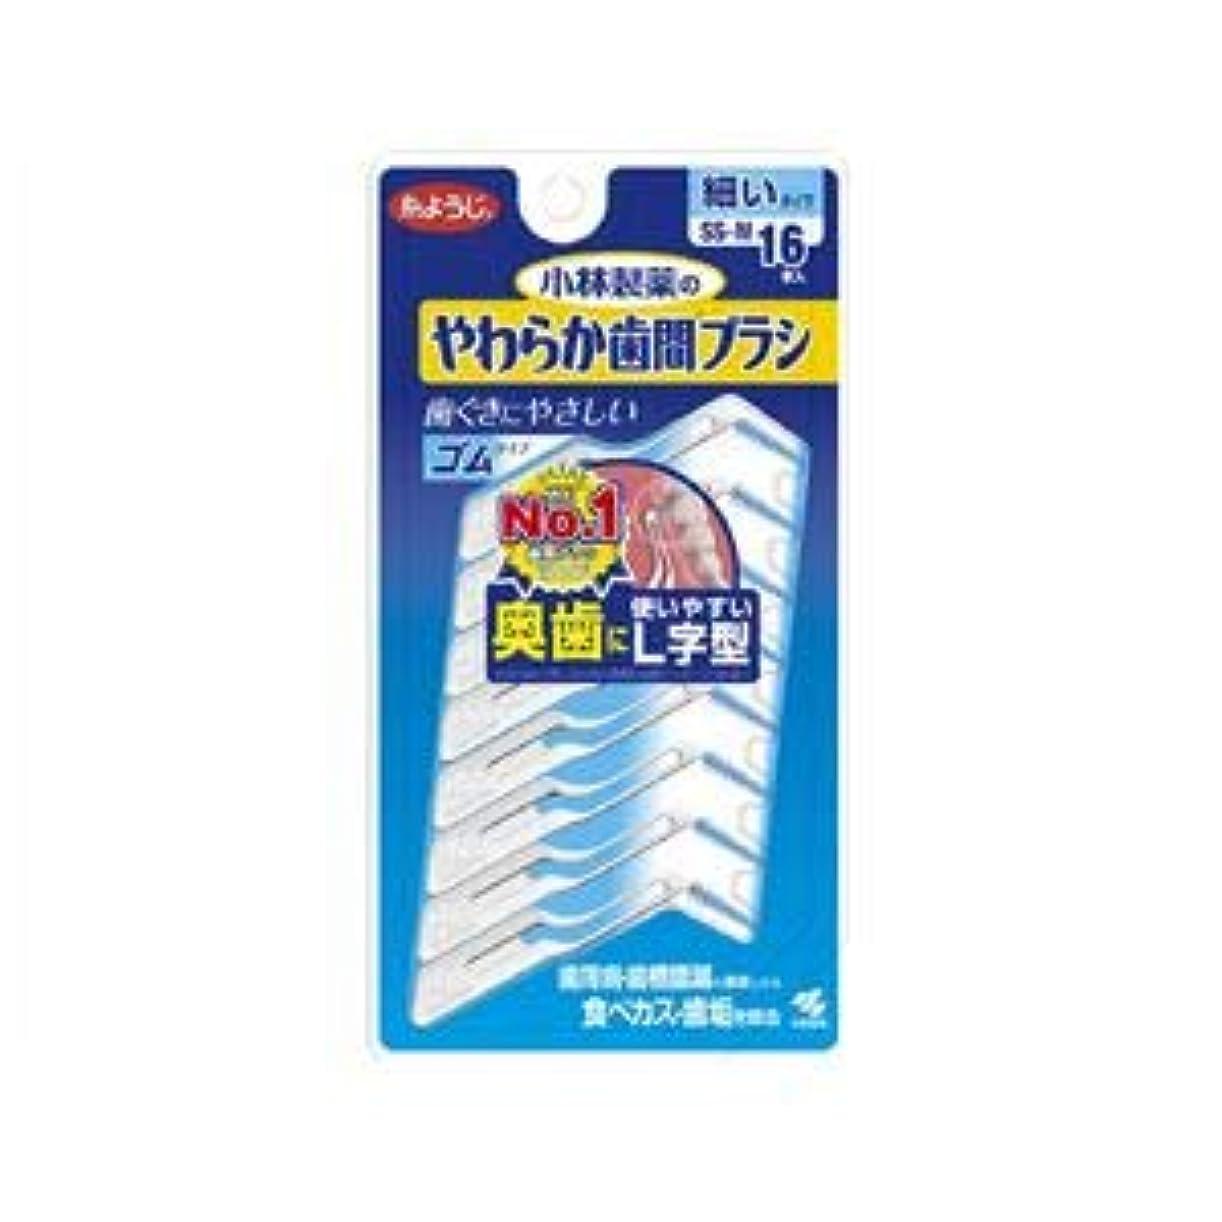 セミナーヒロイック慢な(まとめ)小林製薬 やわらか歯間ブラシL字SS-Mサイズ16本入 【×5点セット】